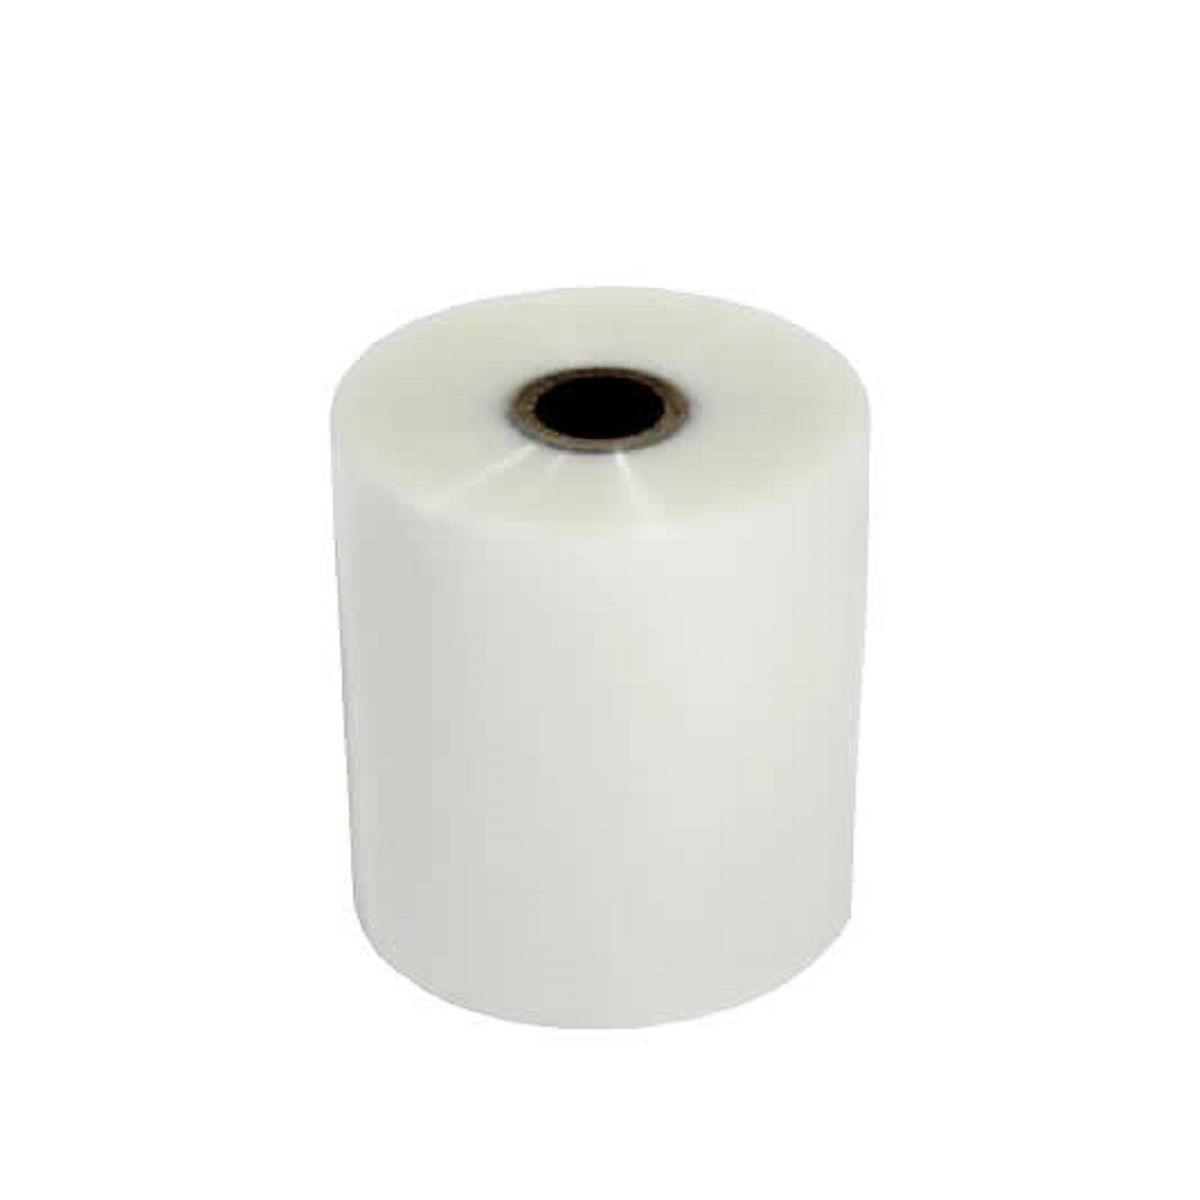 Bobina para Plastificação RG 11,5cm x 60M x 0,05mm (125 micras)  - Click Suprimentos